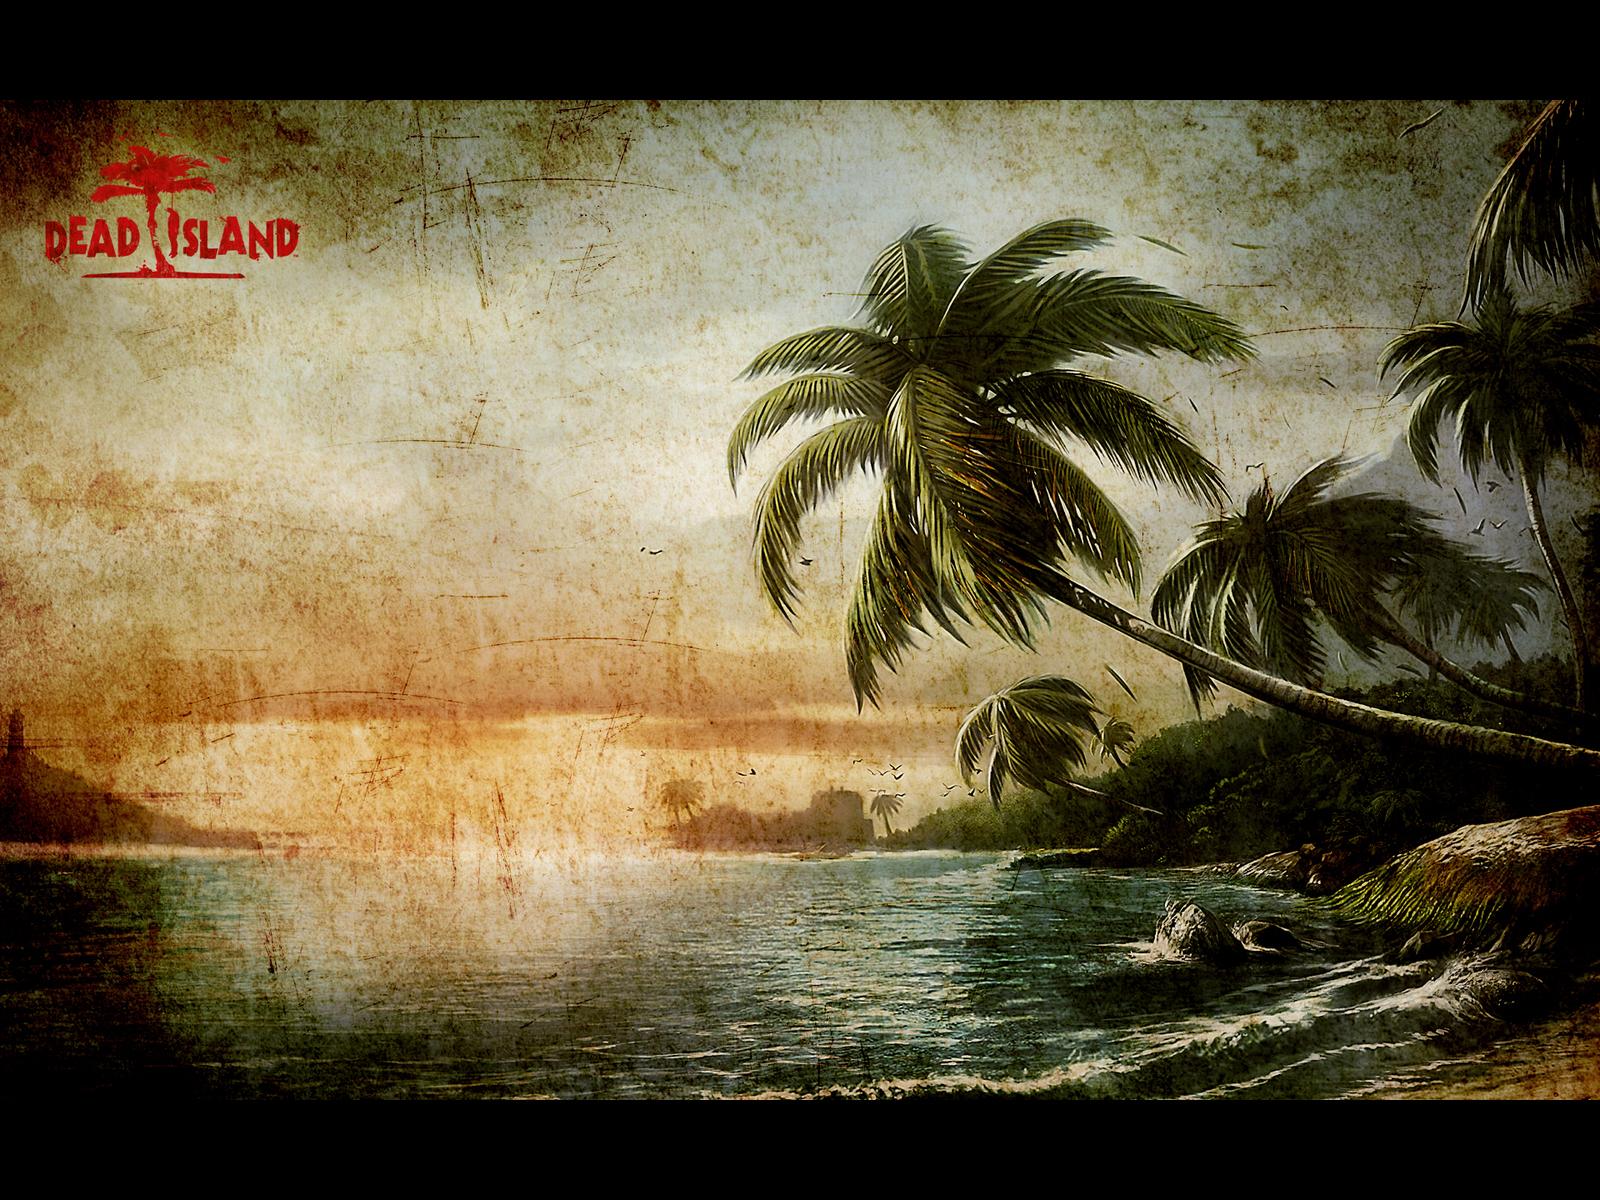 http://4.bp.blogspot.com/-3hb5uNq7ctg/UF67UMGPYwI/AAAAAAAAA_g/eUn4XIYG-6w/s1600/scary+wallpaper+-+dead+island+6.jpg